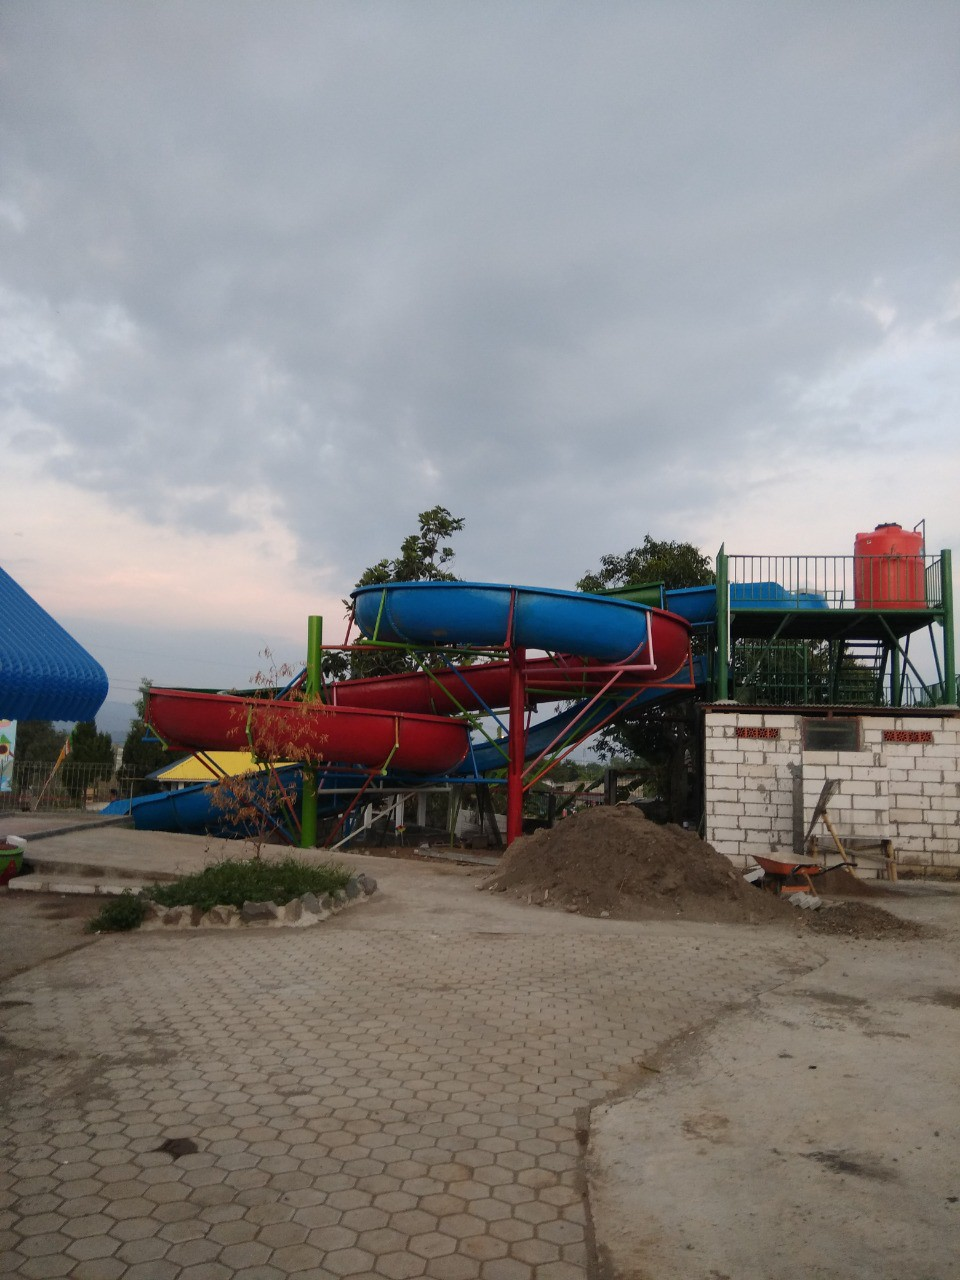 Kolam Renang Di Sidoarjo : kolam, renang, sidoarjo, Telp., 0816585648, (Indosat), Kontraktor, Perawatan, Kolam, Renang, Waterboom, Medium